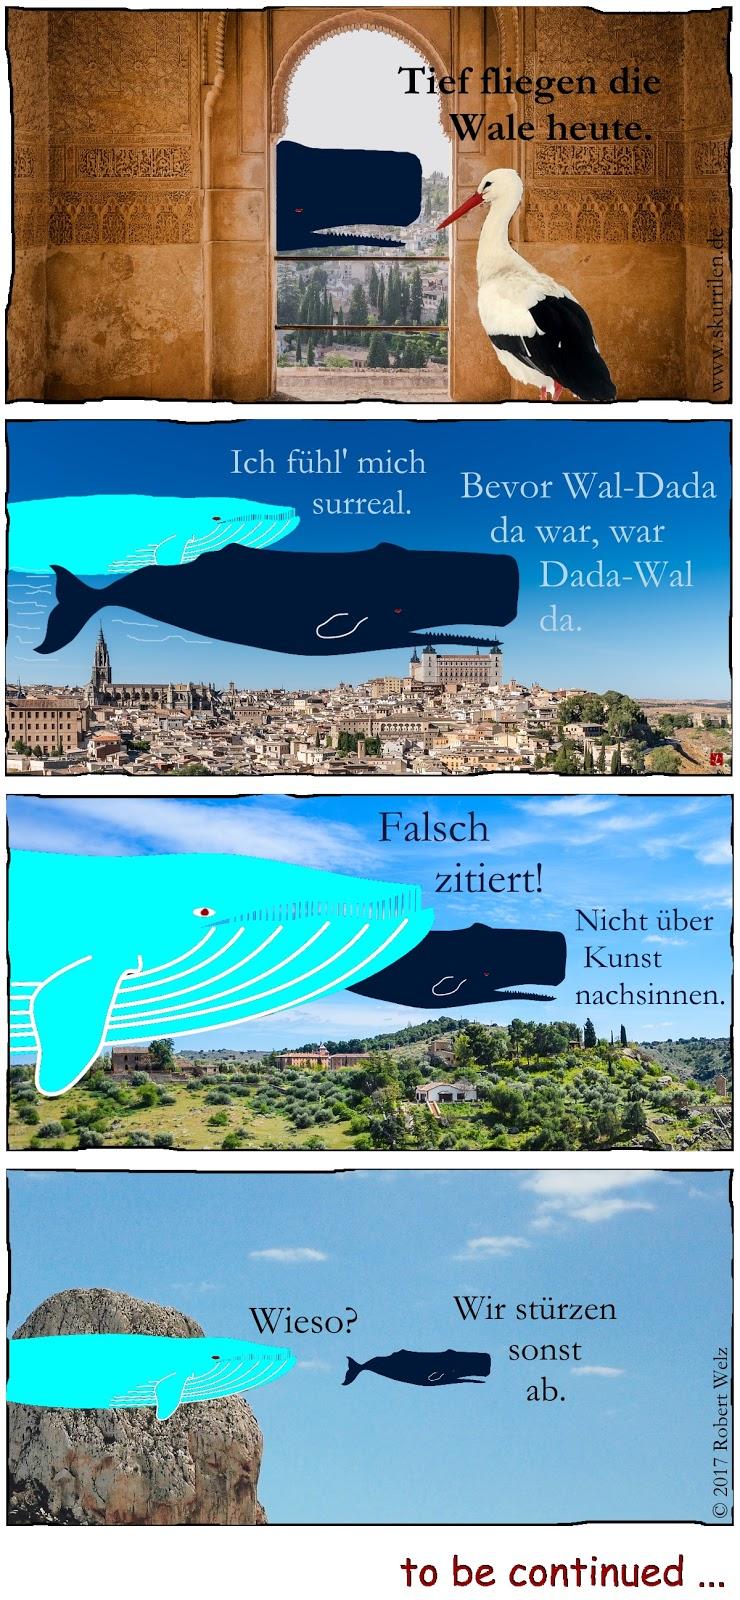 Comic-Collage: Dada-Kunst oder surrealer Traum? Der Storch scheint nicht erstaunt über die tief über Spanien fliegenden, kunstsinnigen Wale